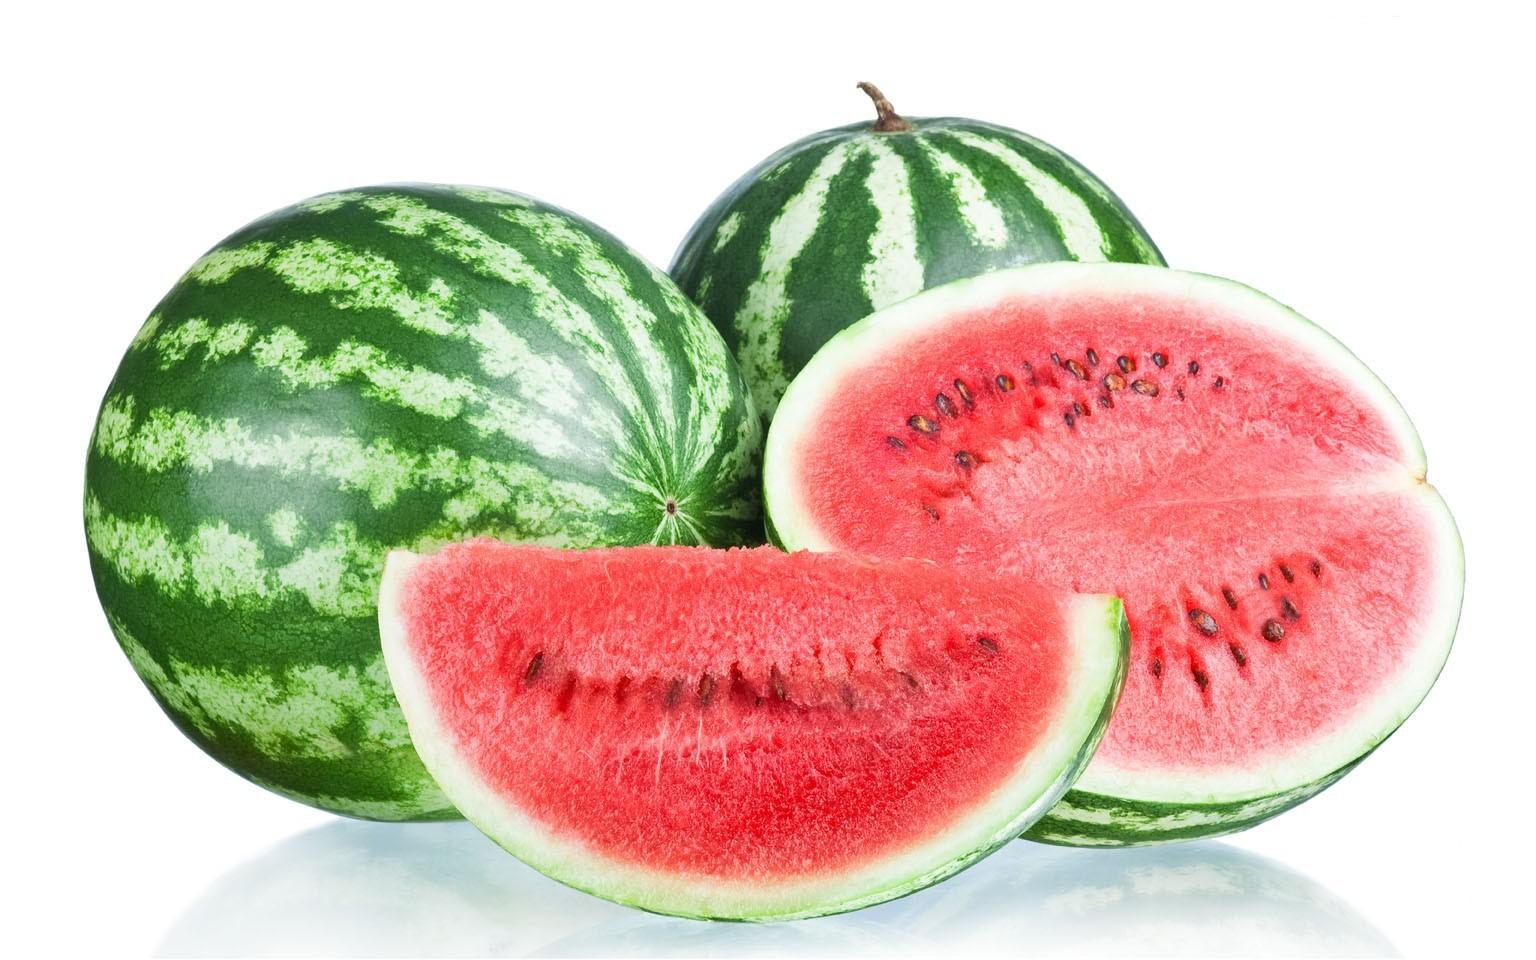 جلد کو دلکش اور خوبصورت بنانے میں پھل انتہائی مفید